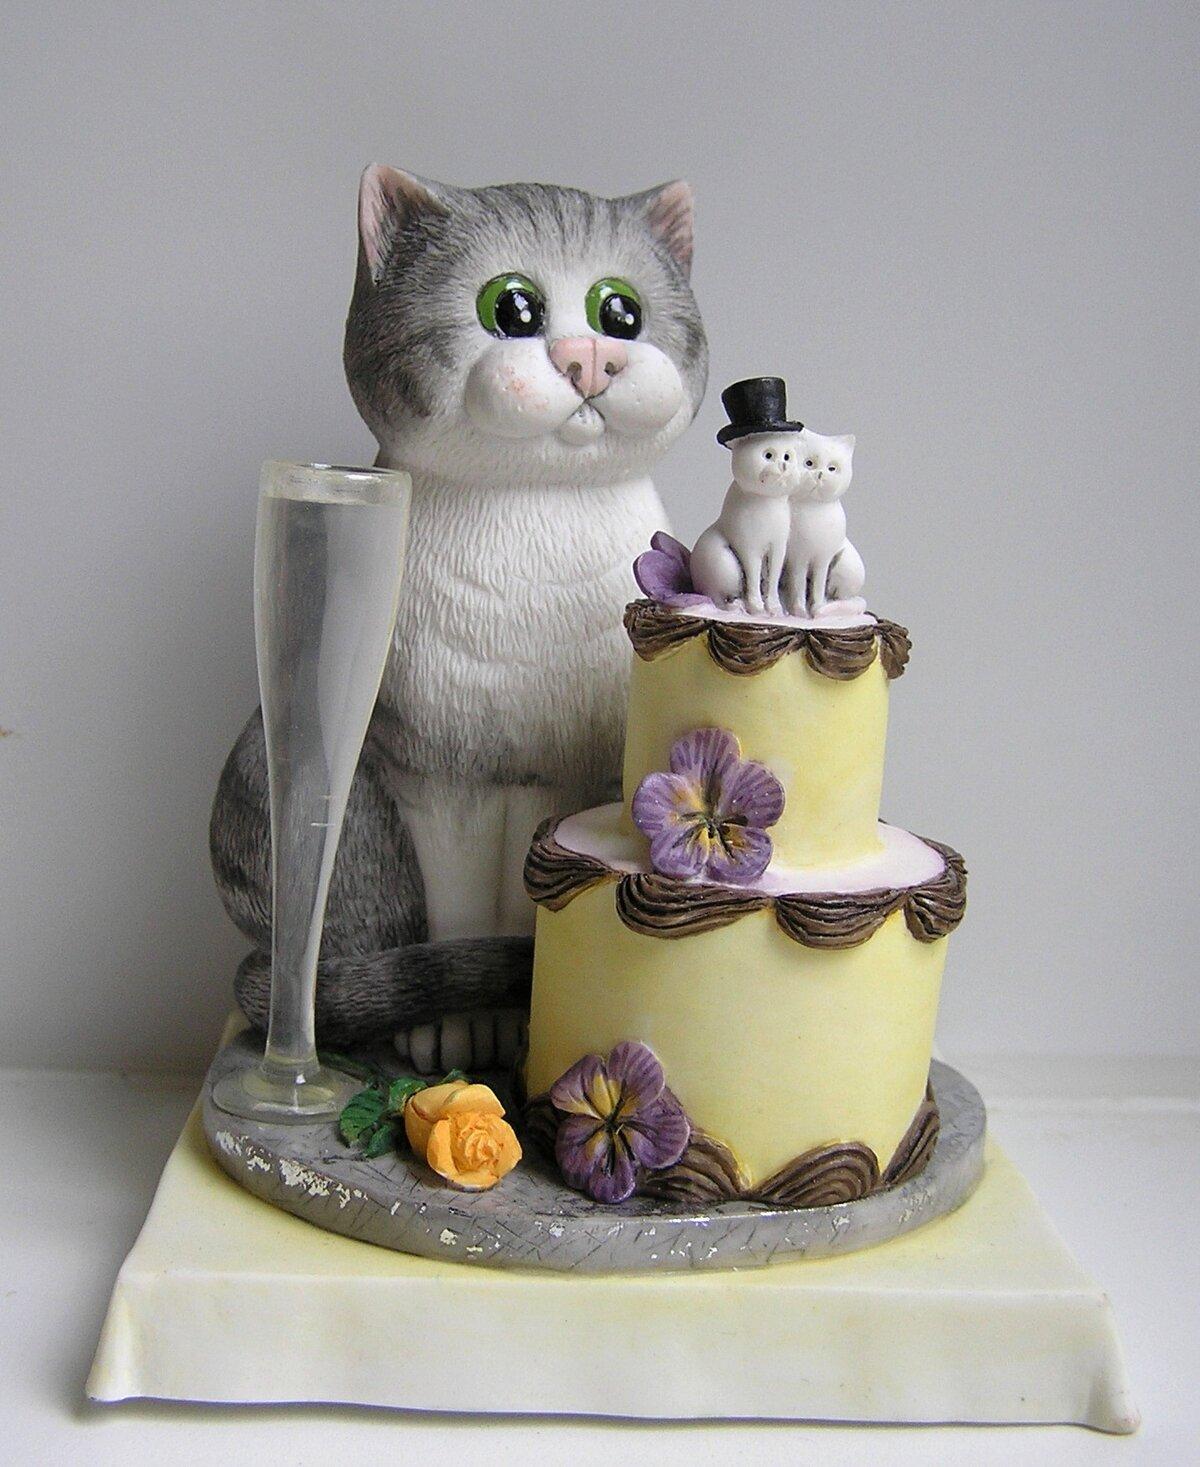 особенность картинки котята на торт центре сюжета взаимоотношения